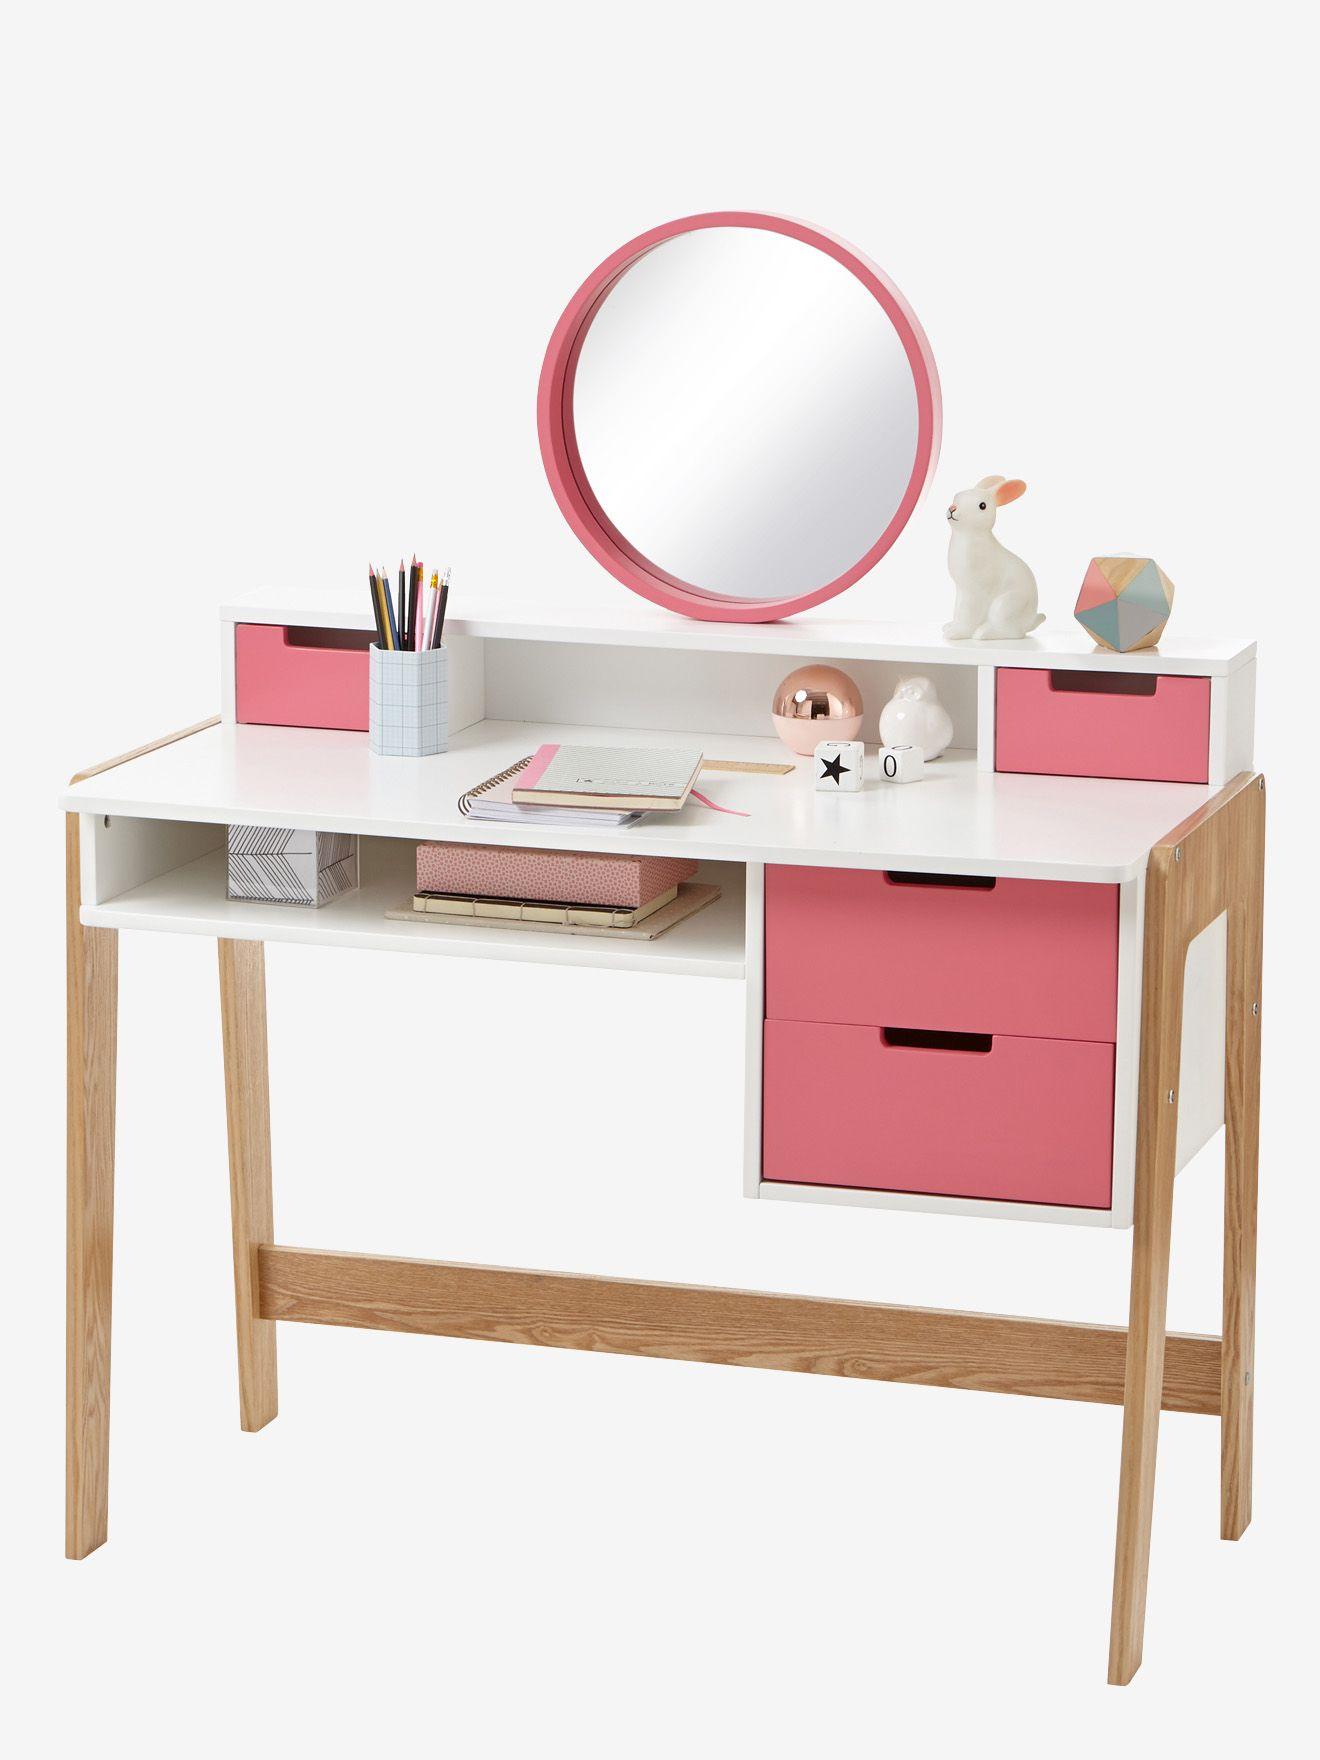 Bureau Coiffeuse Color Blocs Blanc Rose Bois Vertbaudet Muebles Para Adolescente Escritorios De Oficina En Casa Ideas De Muebles De Dormitorio